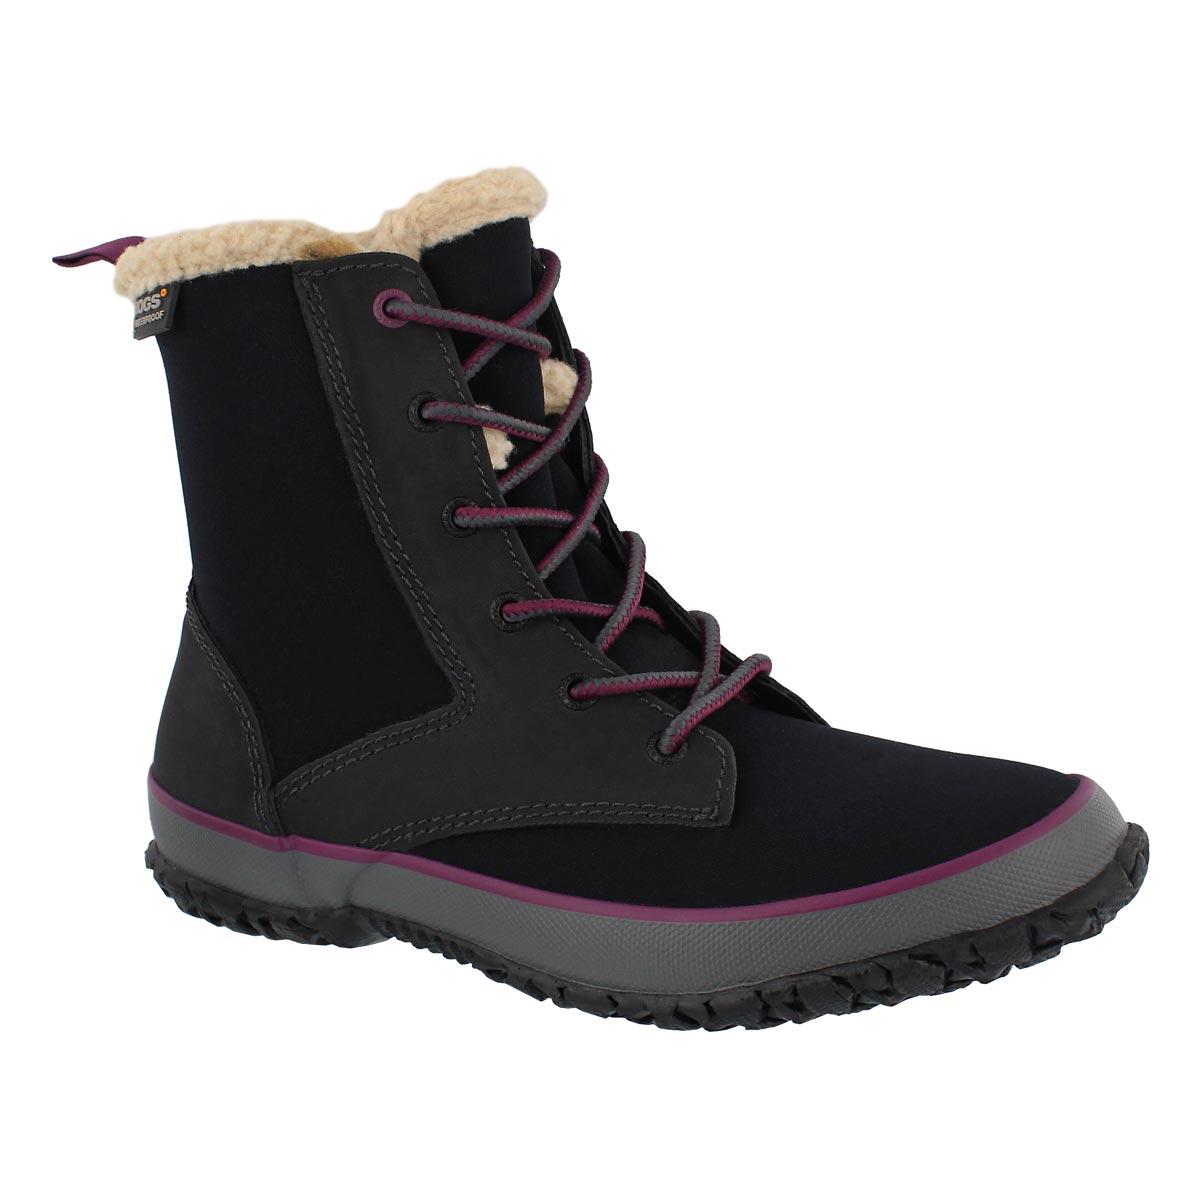 Women's SKYLAR black laceup waterproof boots